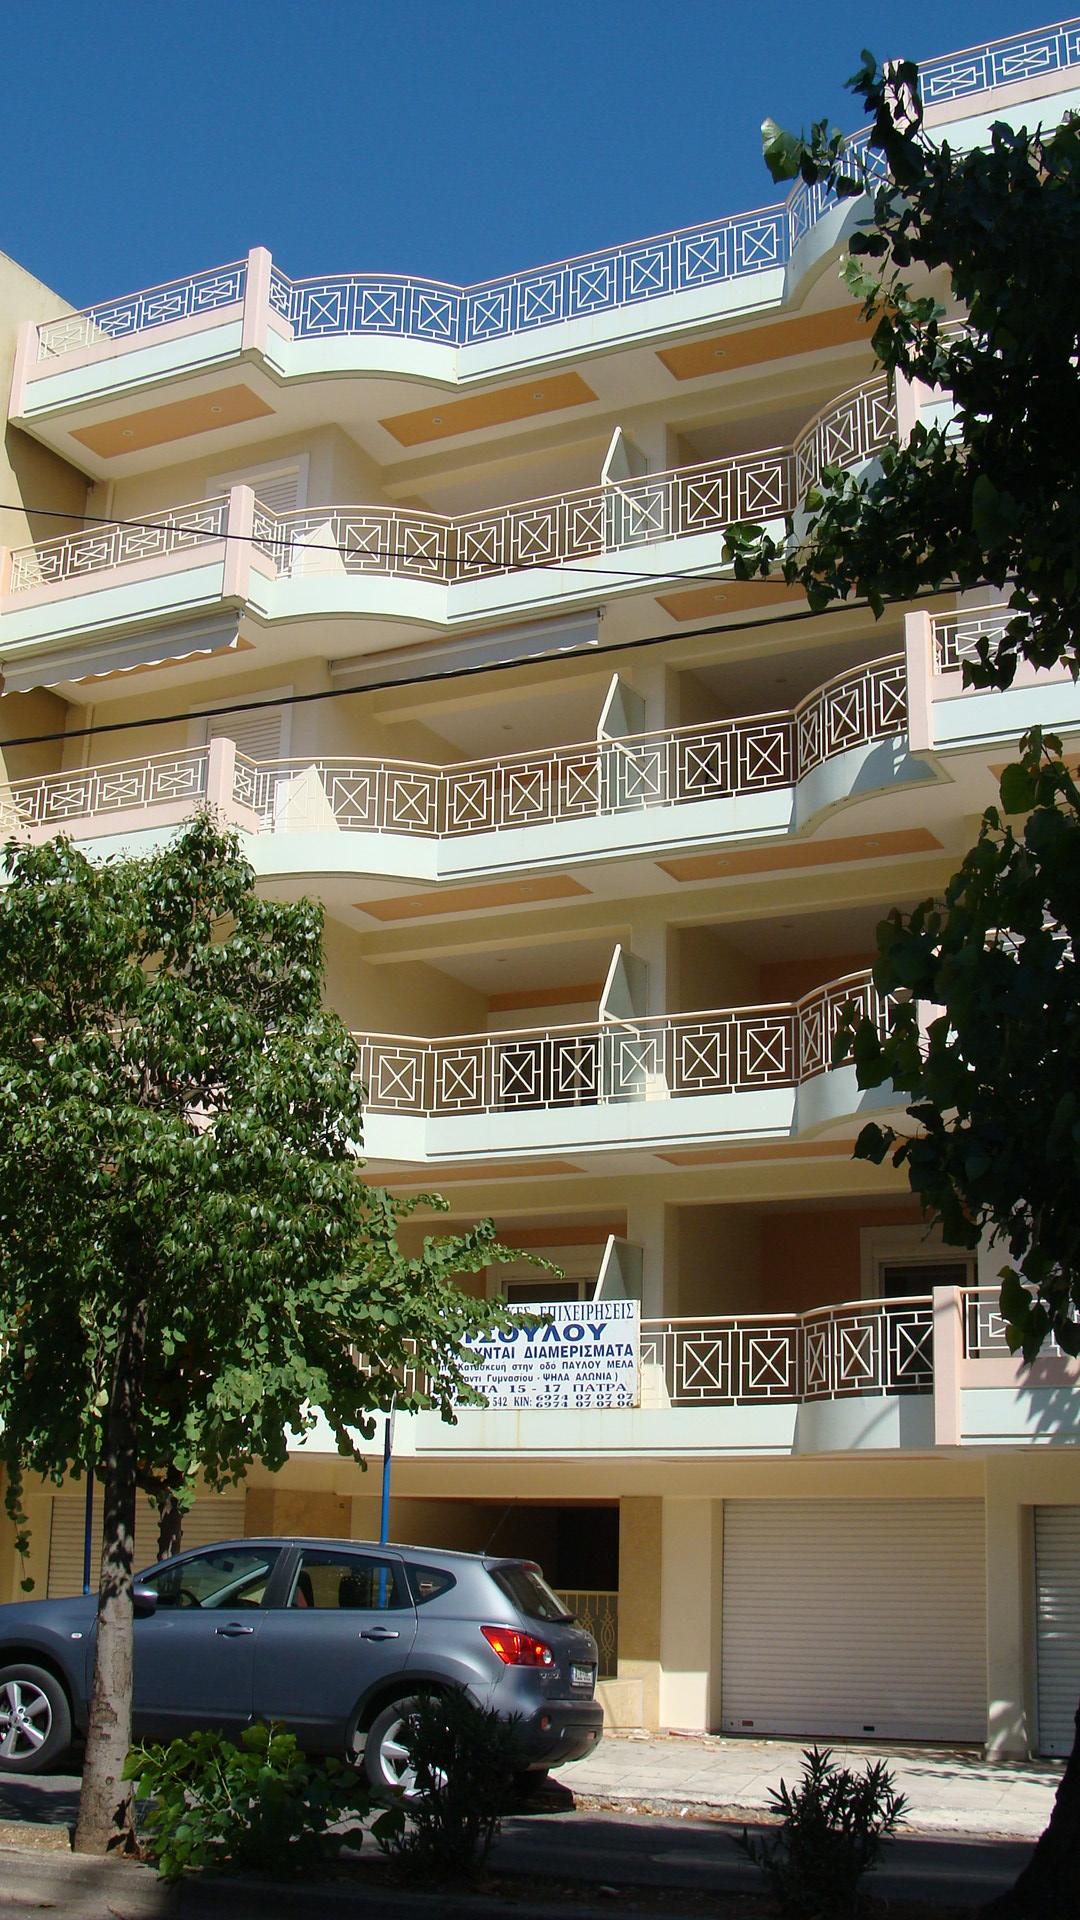 Οδός Μητροπόλεως και Αισχύλου-Αίγιο: Δυο νέα τετραόροφα κτίρια διαμερισμάτων με καταστήματα  και κλειστές θέσεις σταθμευσης στο ισόγειο